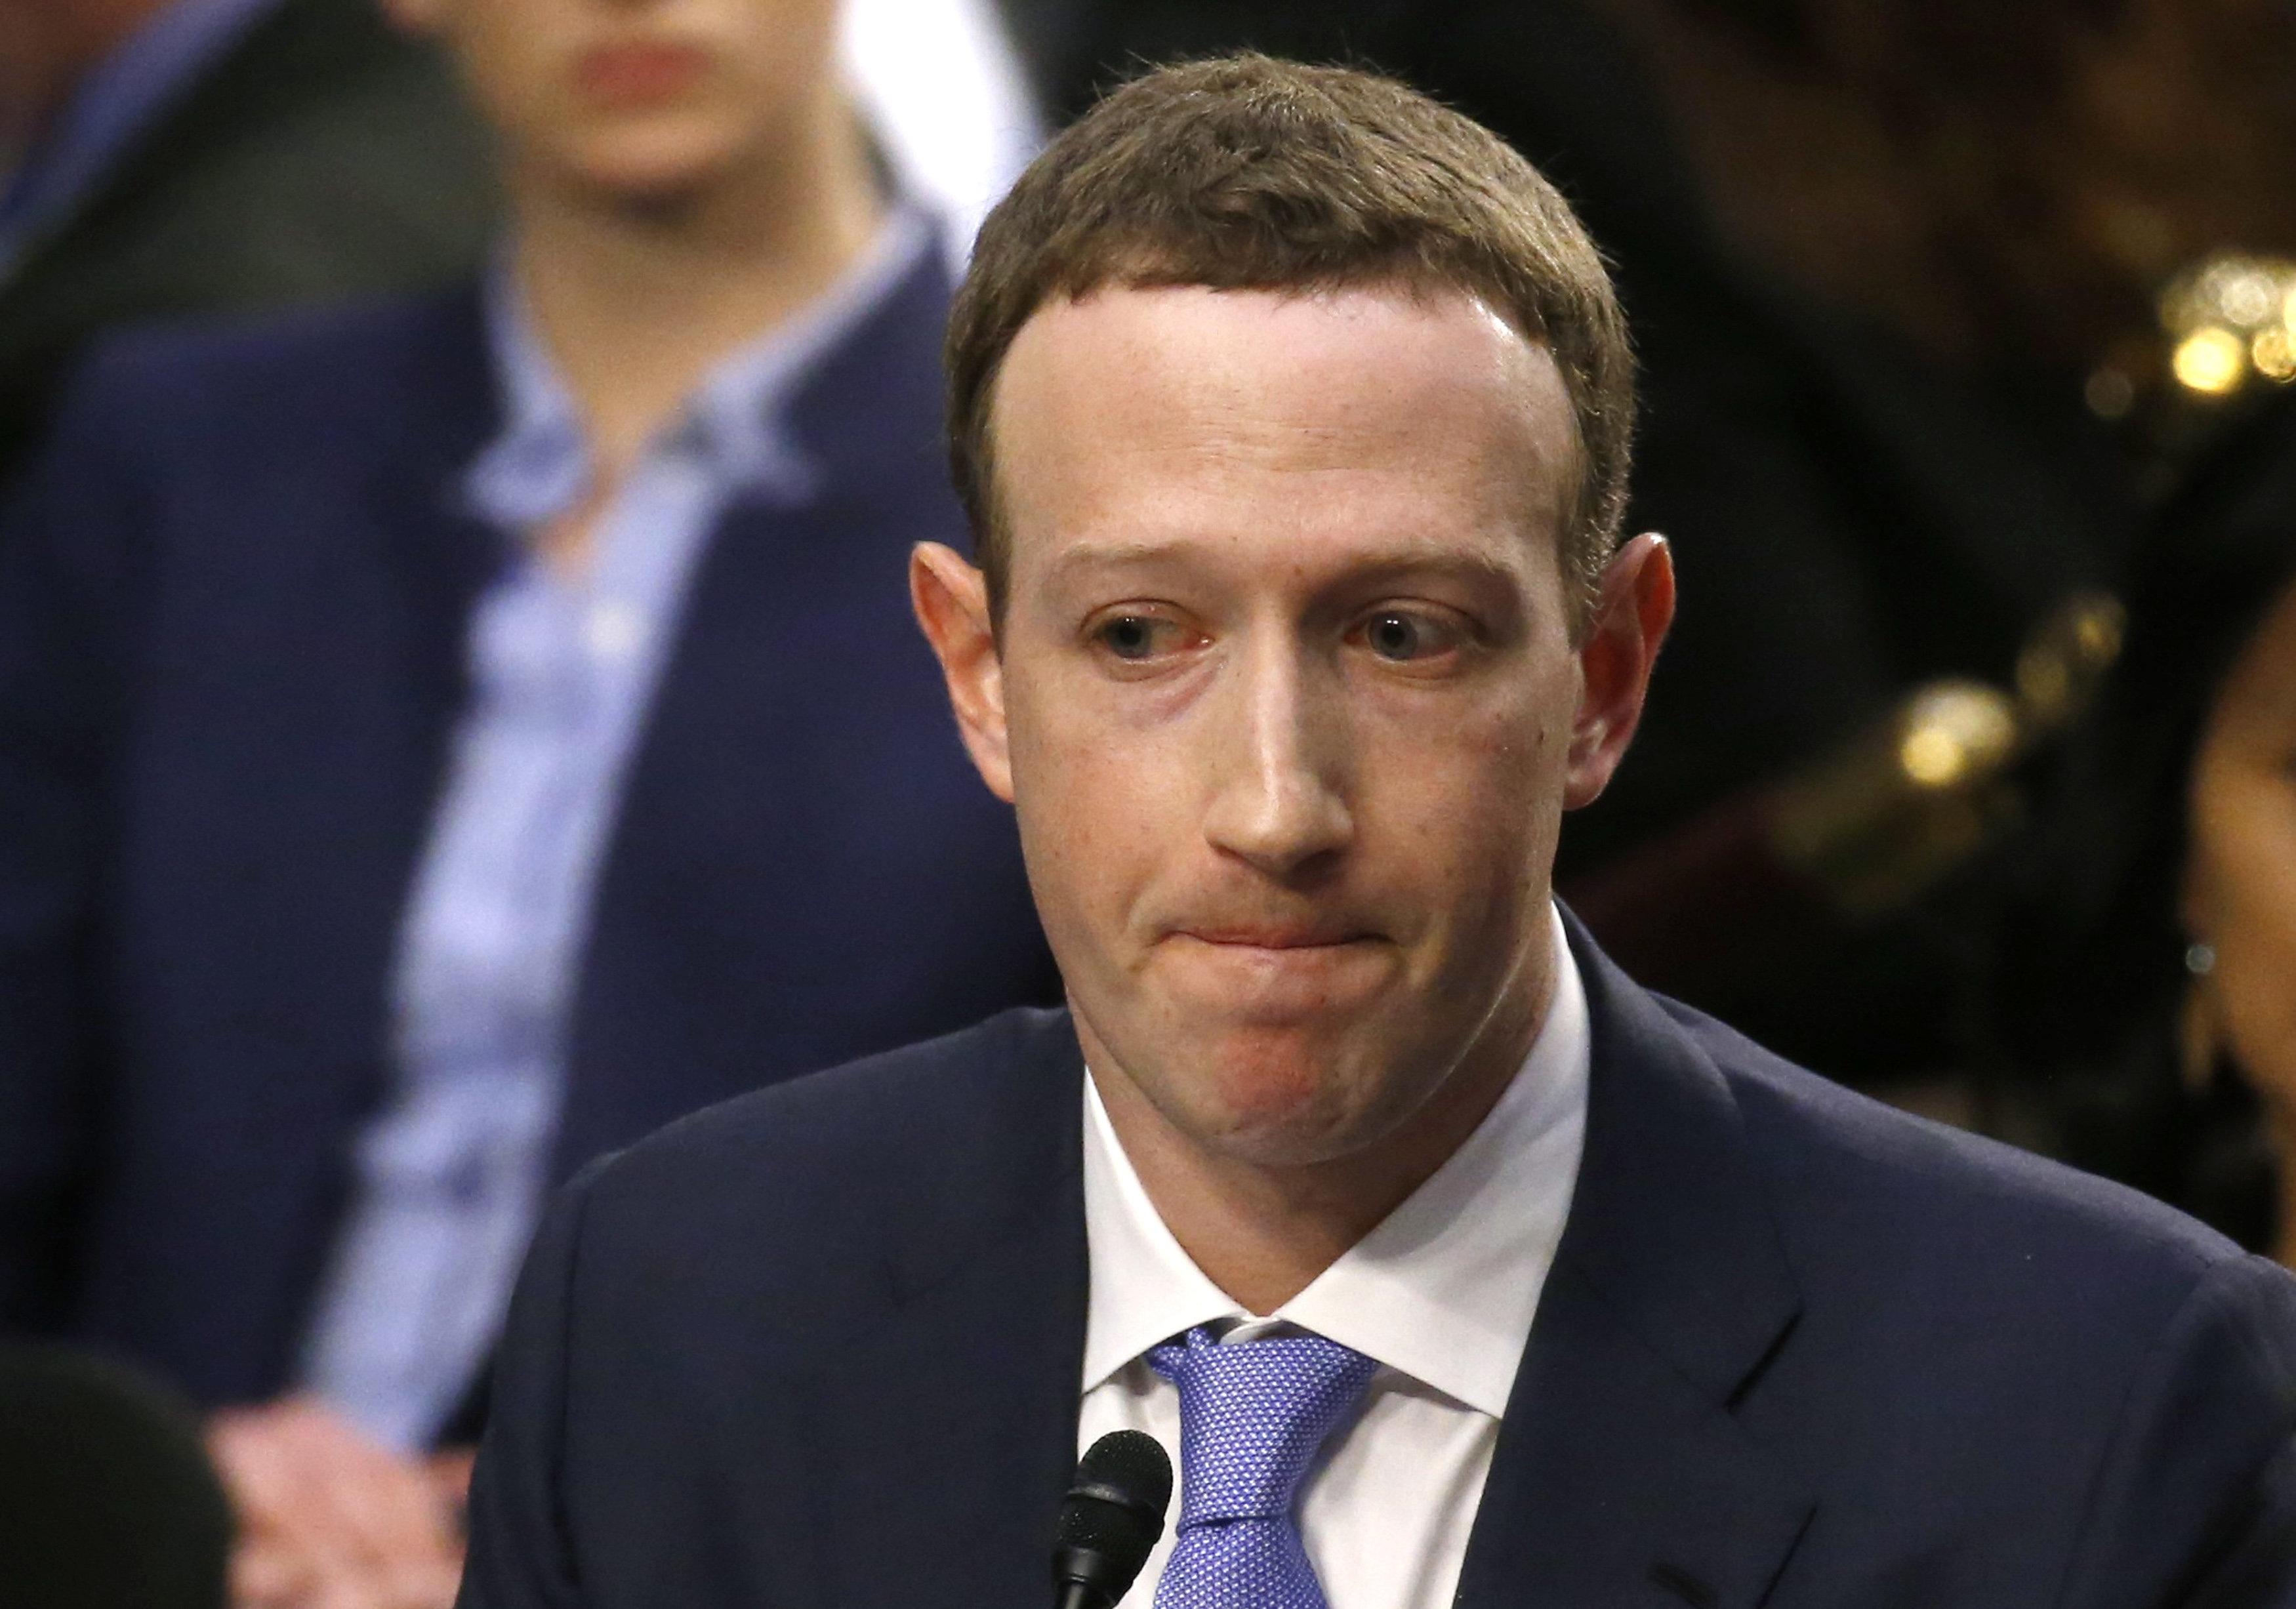 Οι αντιδράσεις του Twitter για την ακρόαση του Mr. Facebook: Τα αστεία, οι κατηγορίες και οι εξωγήινες